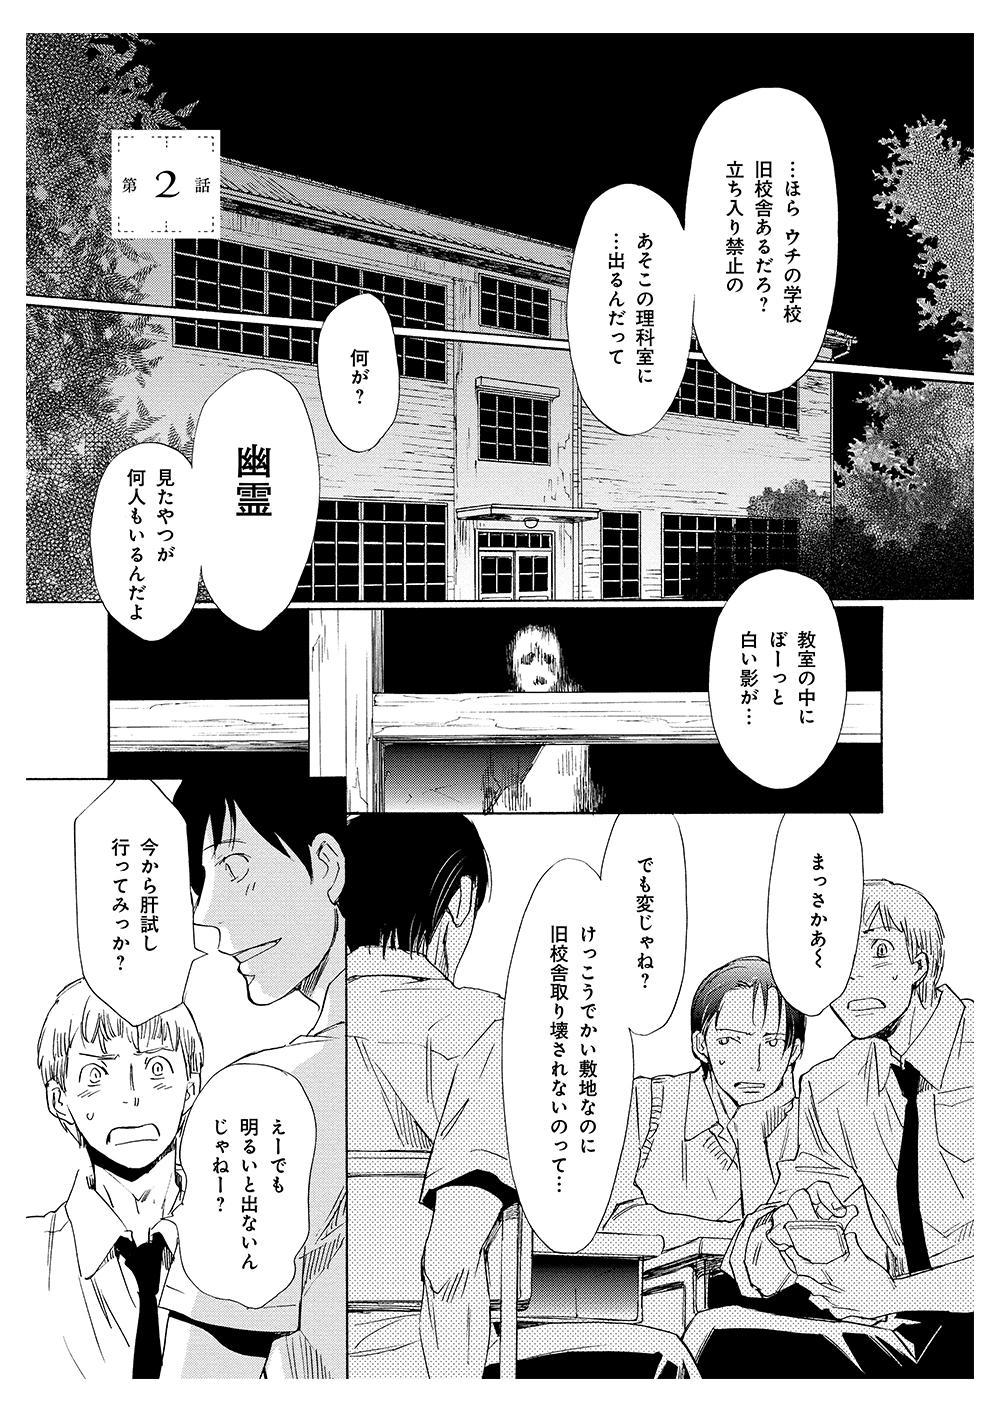 少女ゴーレムと理科室の変人たち 第2話①golem03-01.jpg